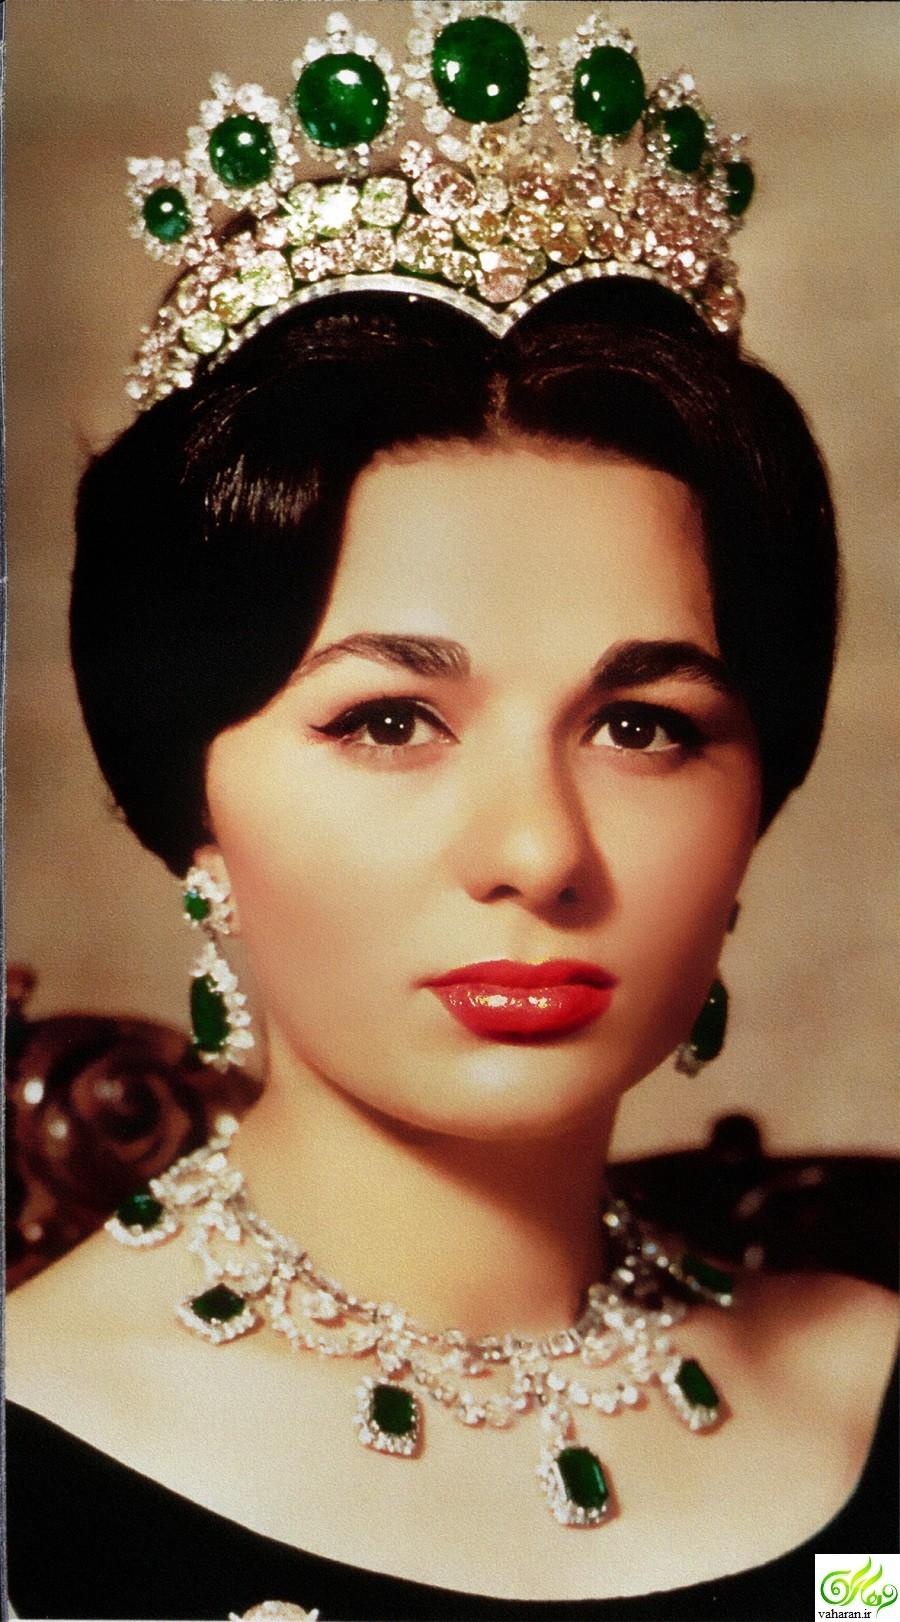 مهریه فرح دیبا چقدر است؟ + عکس عقدنامه